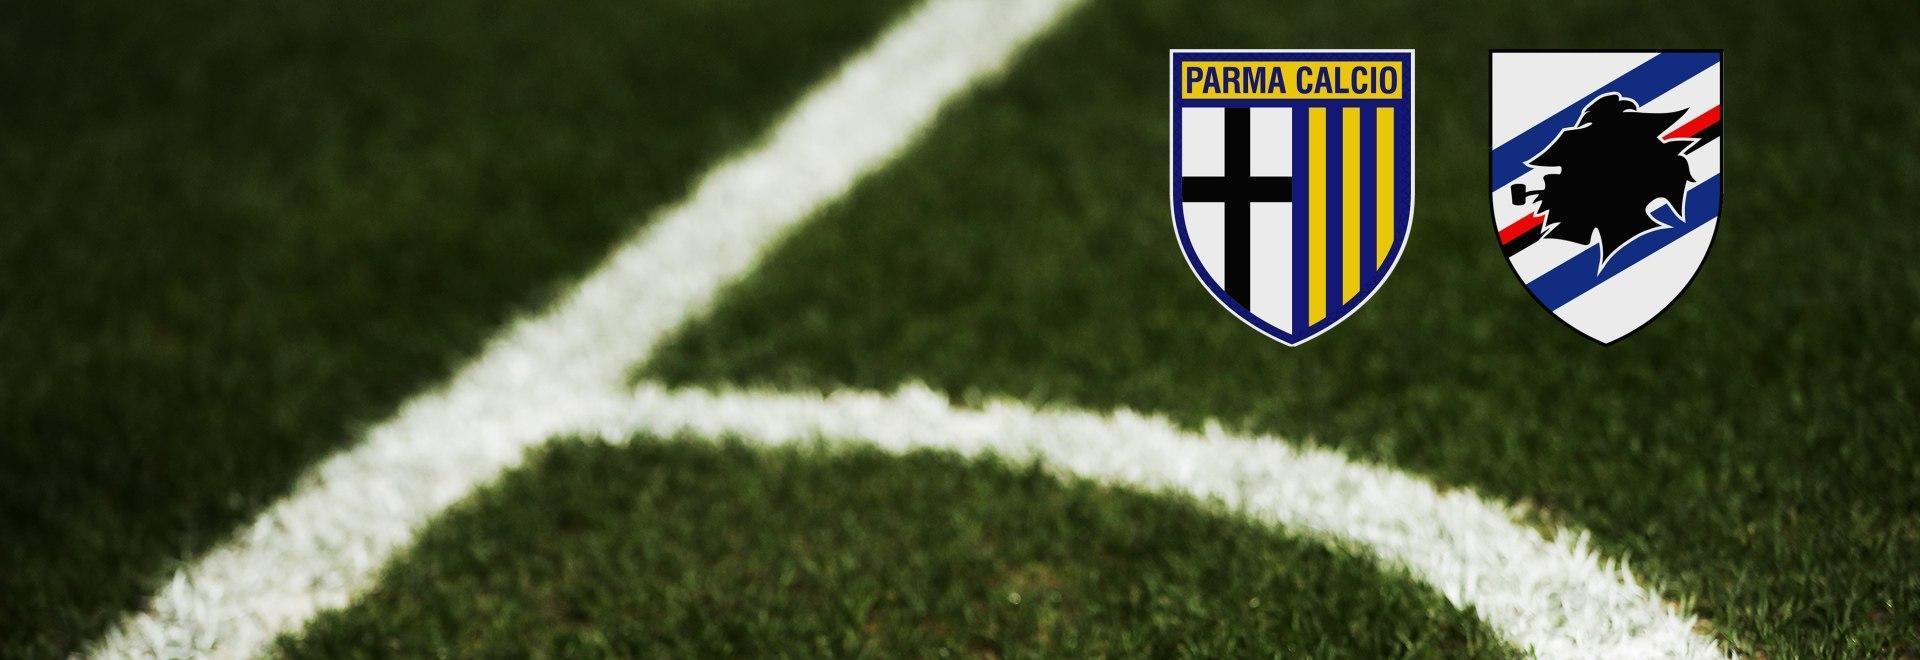 Parma - Sampdoria. 34a g.